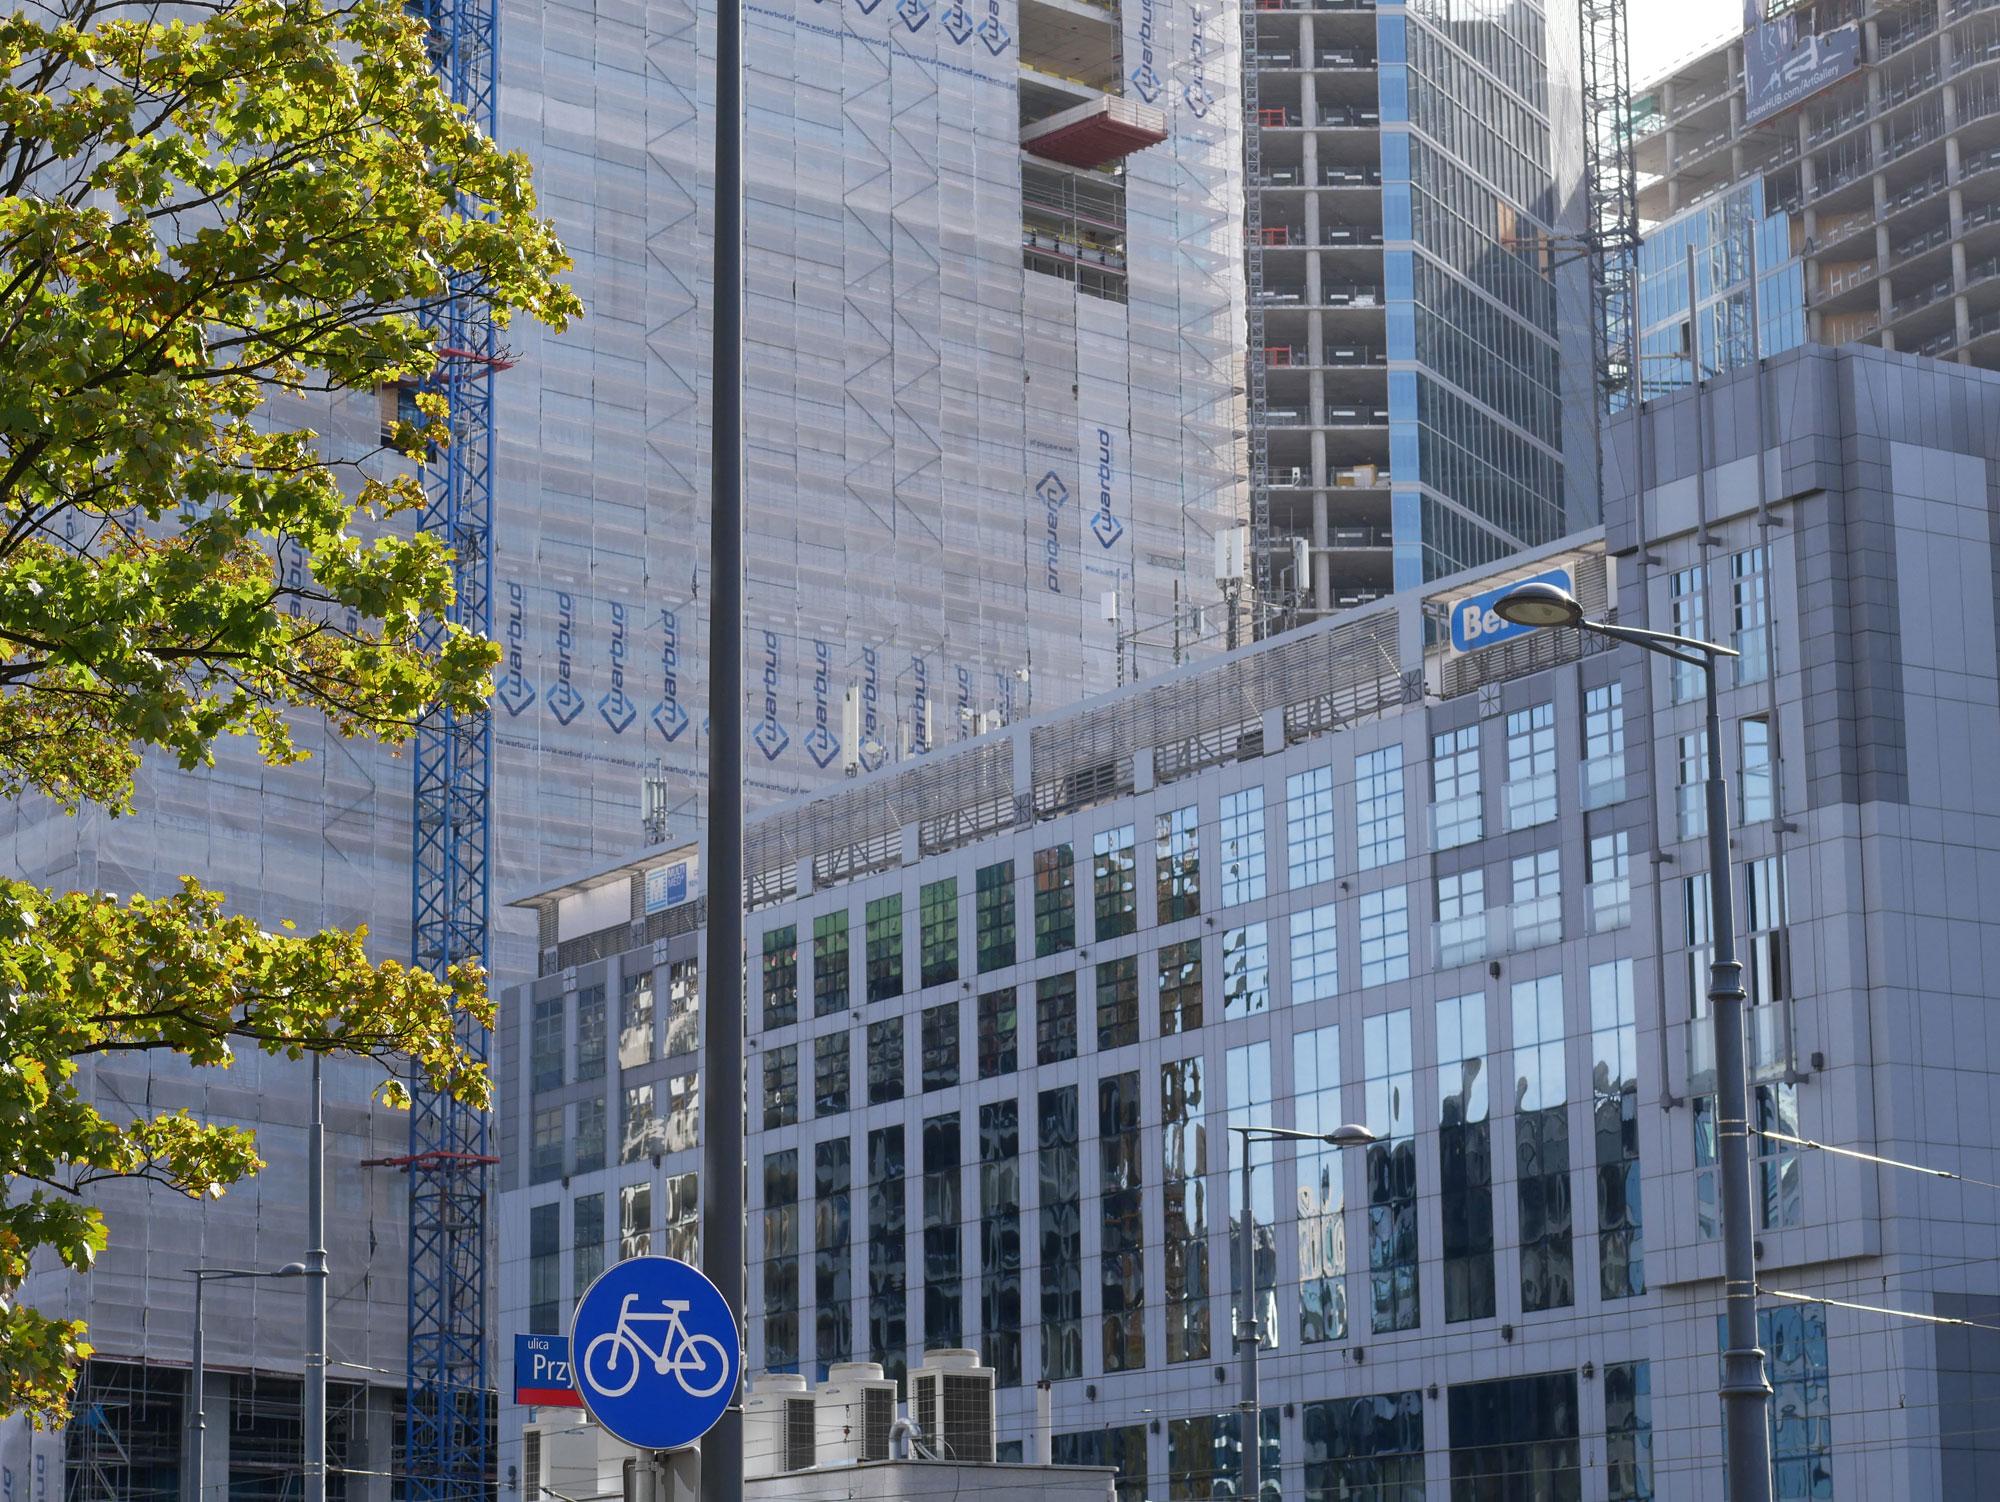 5G Warszawa